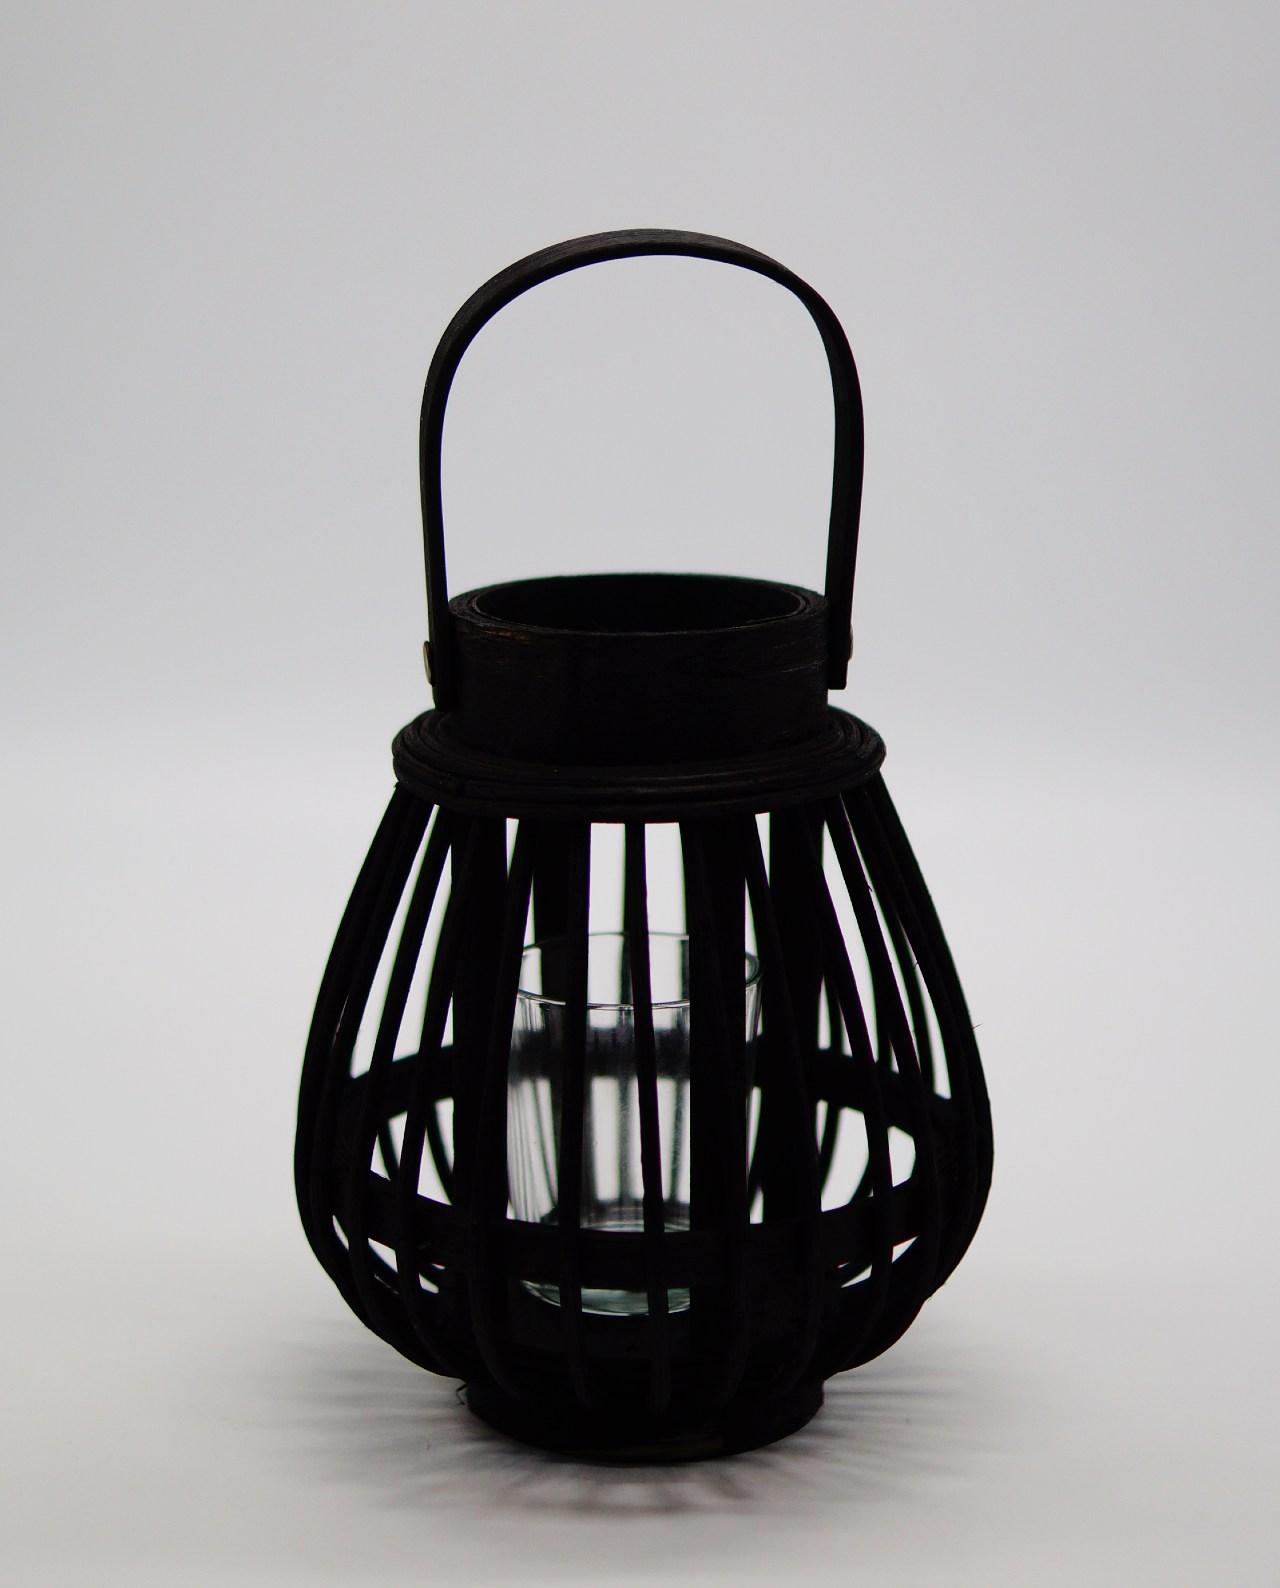 Φανάρι από μαύρο μπαμπού με γυαλί ρεσώ Ύψους 17 cm